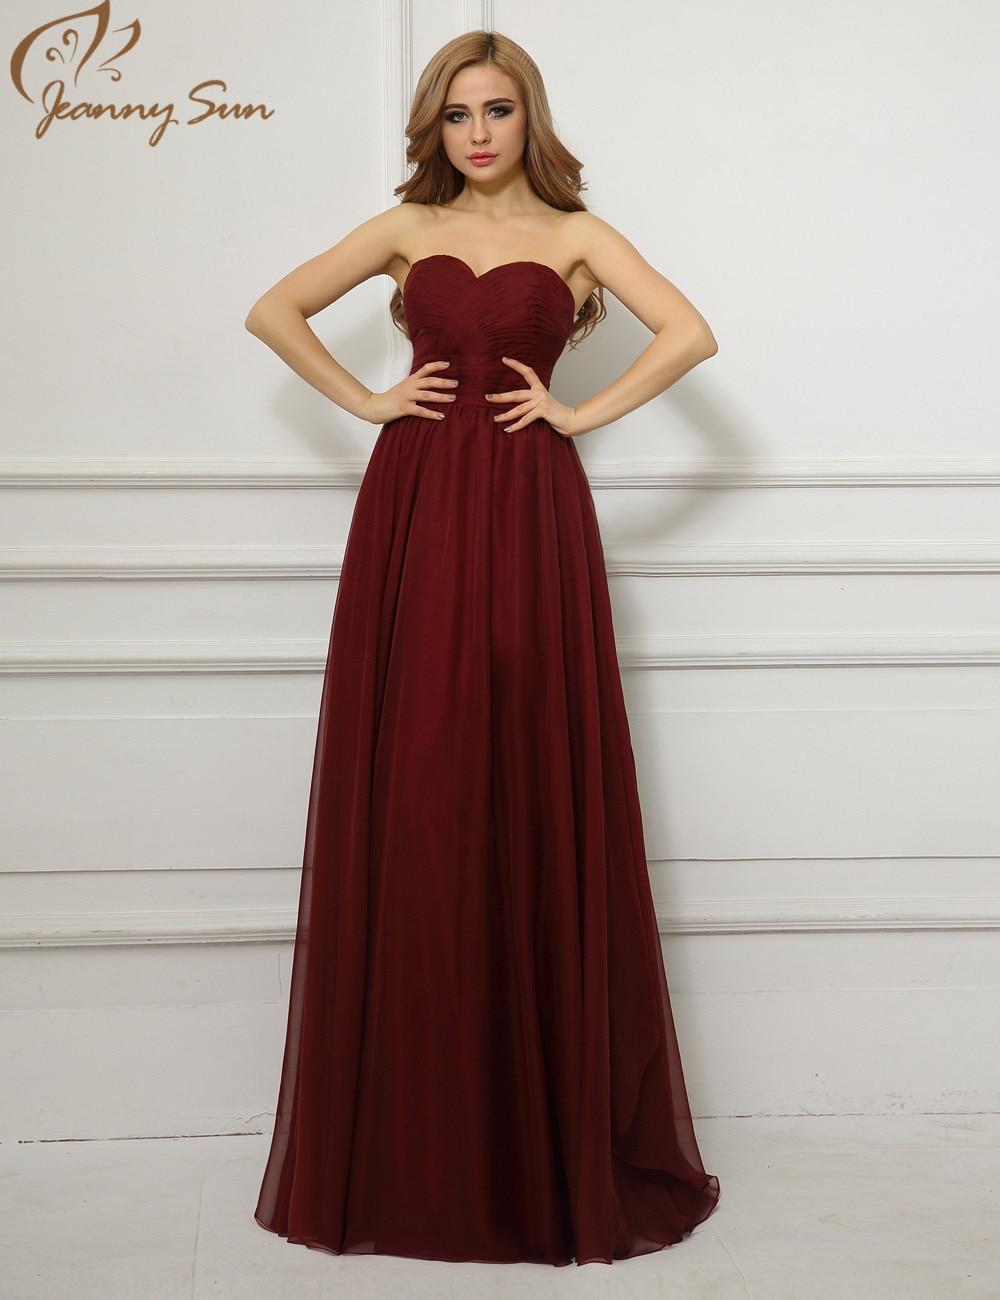 Imagenes de vestidos de noche color vino